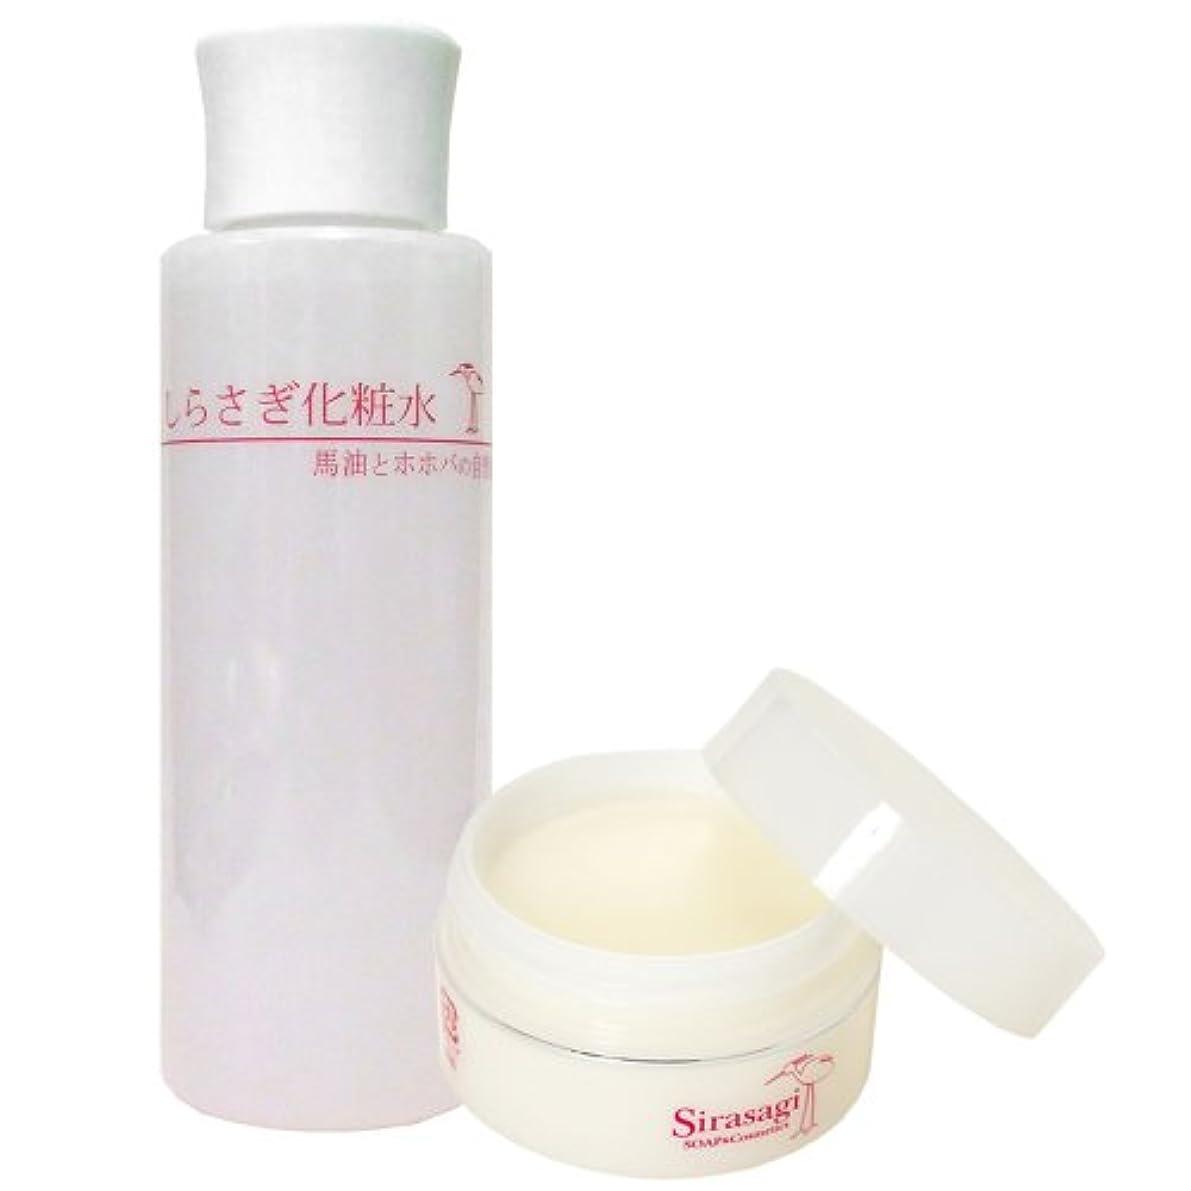 満了新しさ連合しらさぎクリーム(無香料)としらさぎ化粧水のセット